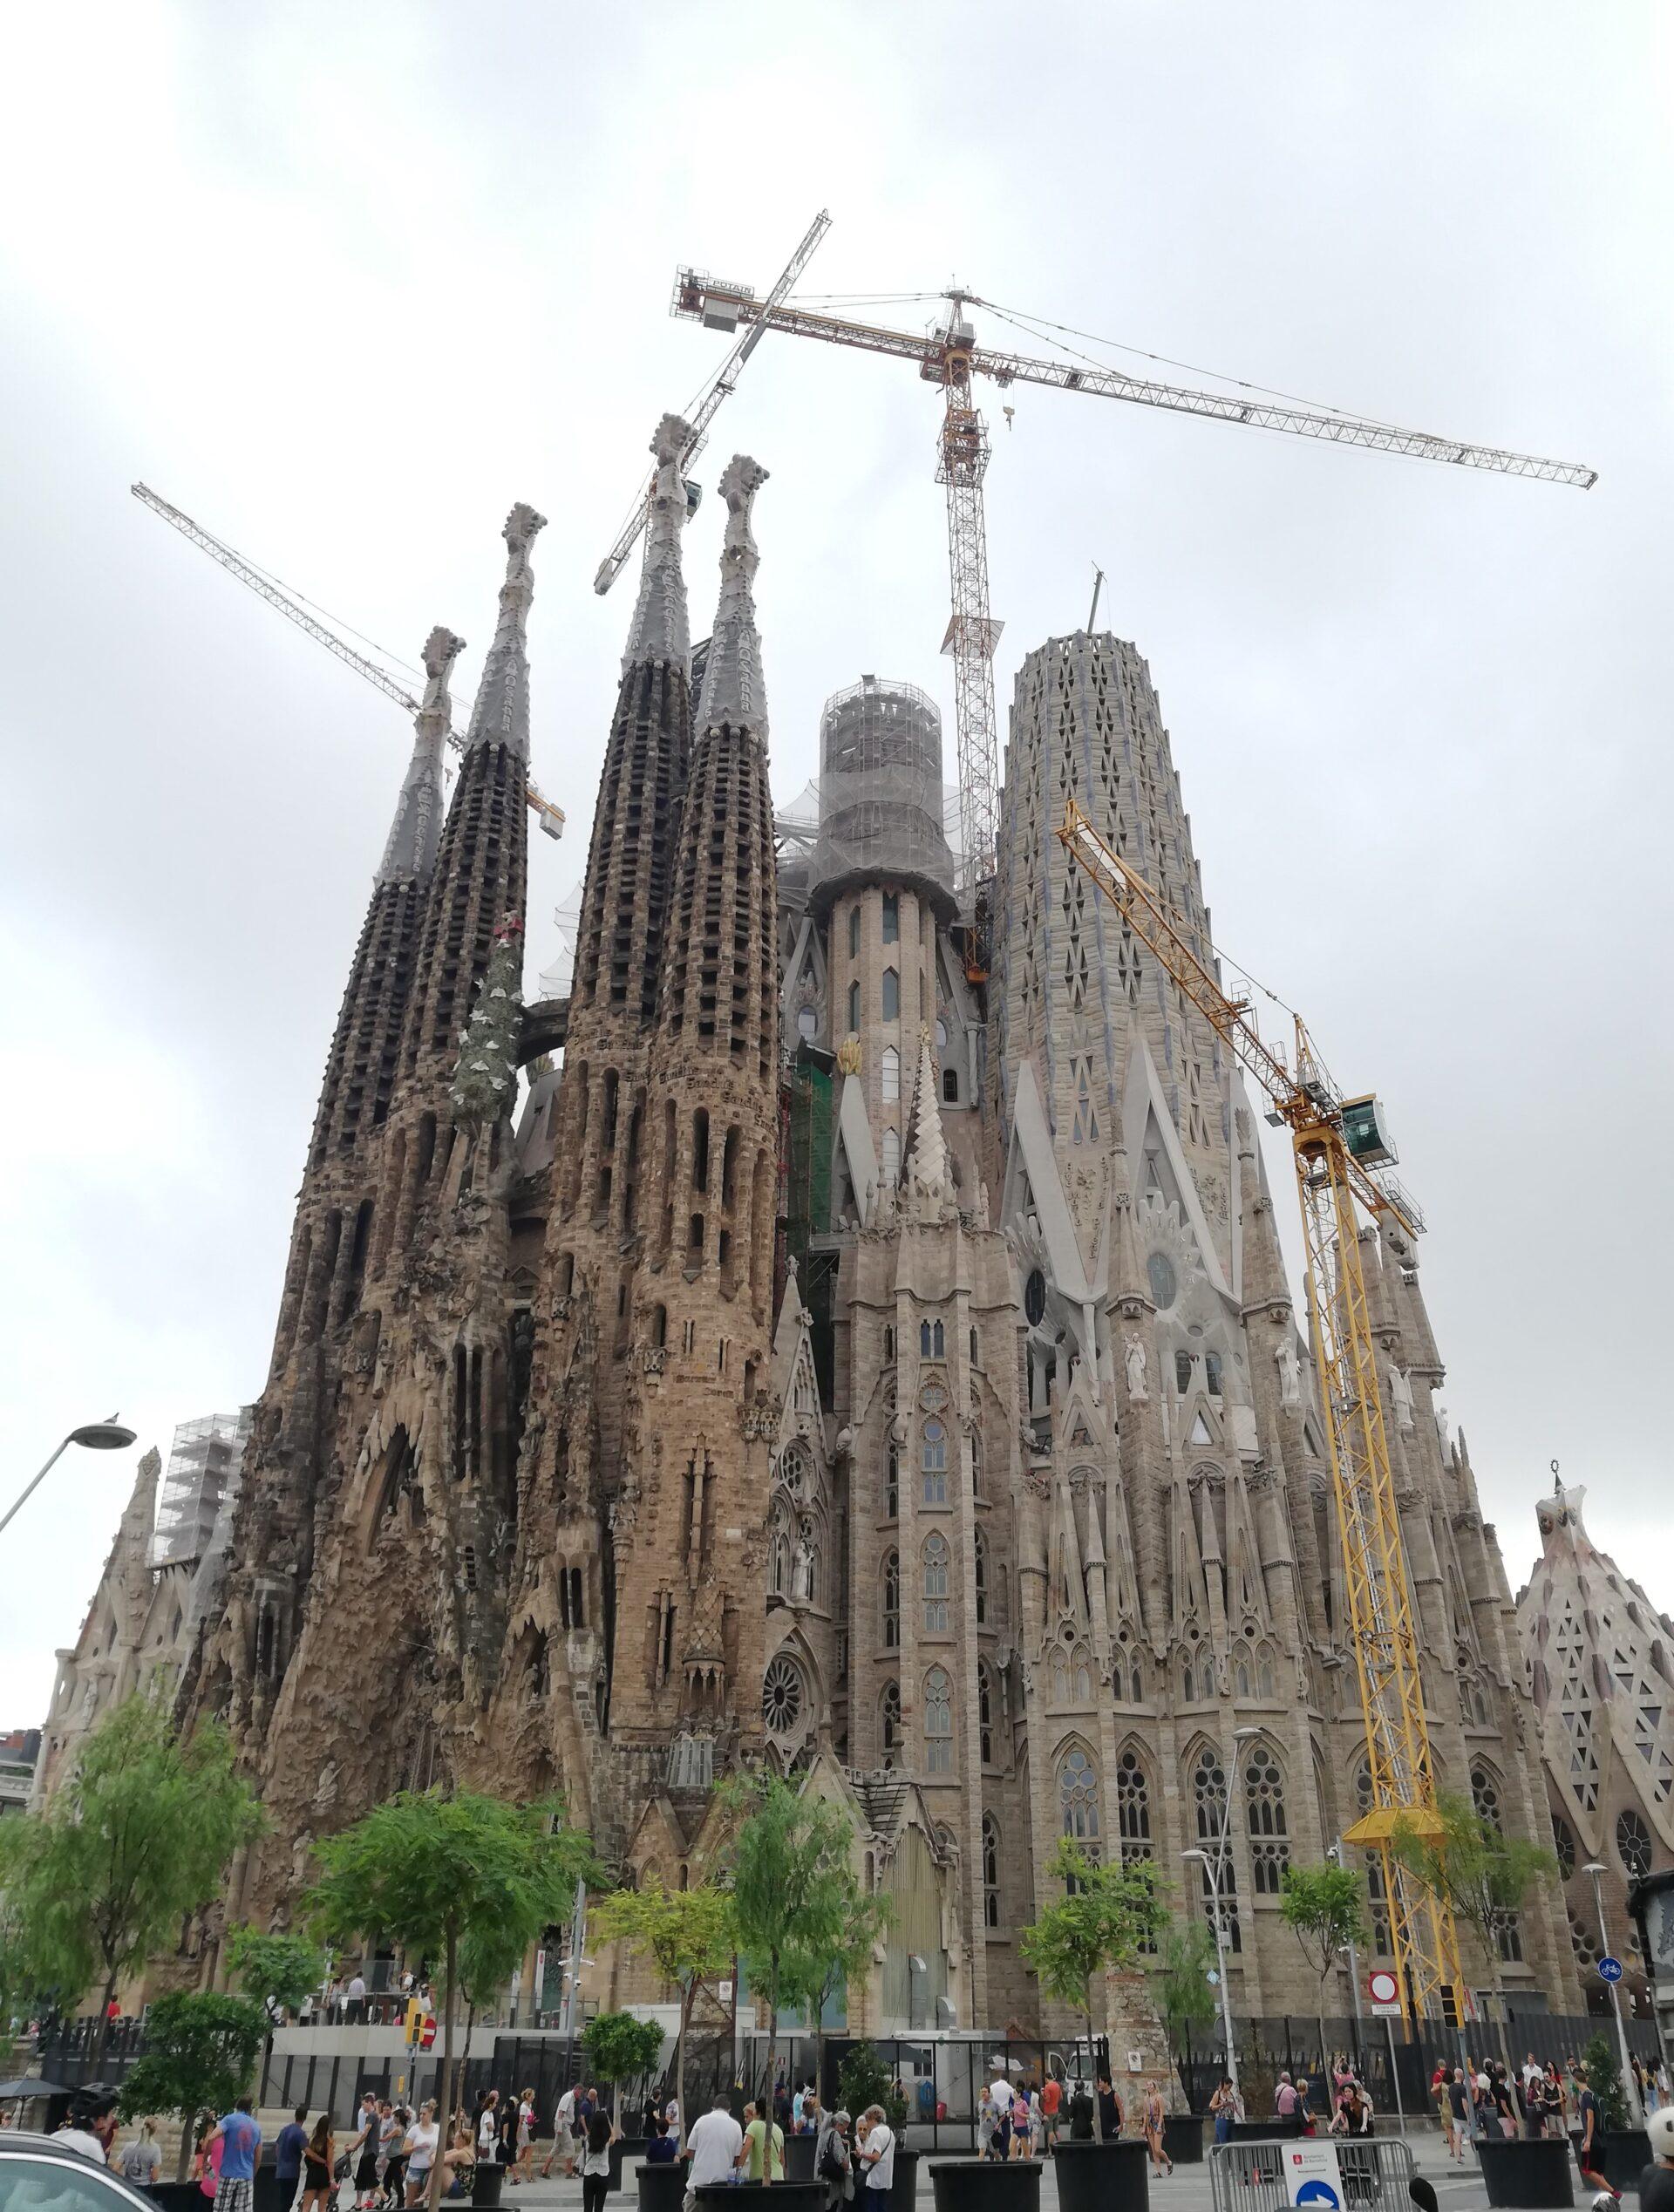 65 ciekawostek o Sagrada Familia w Barcelonie